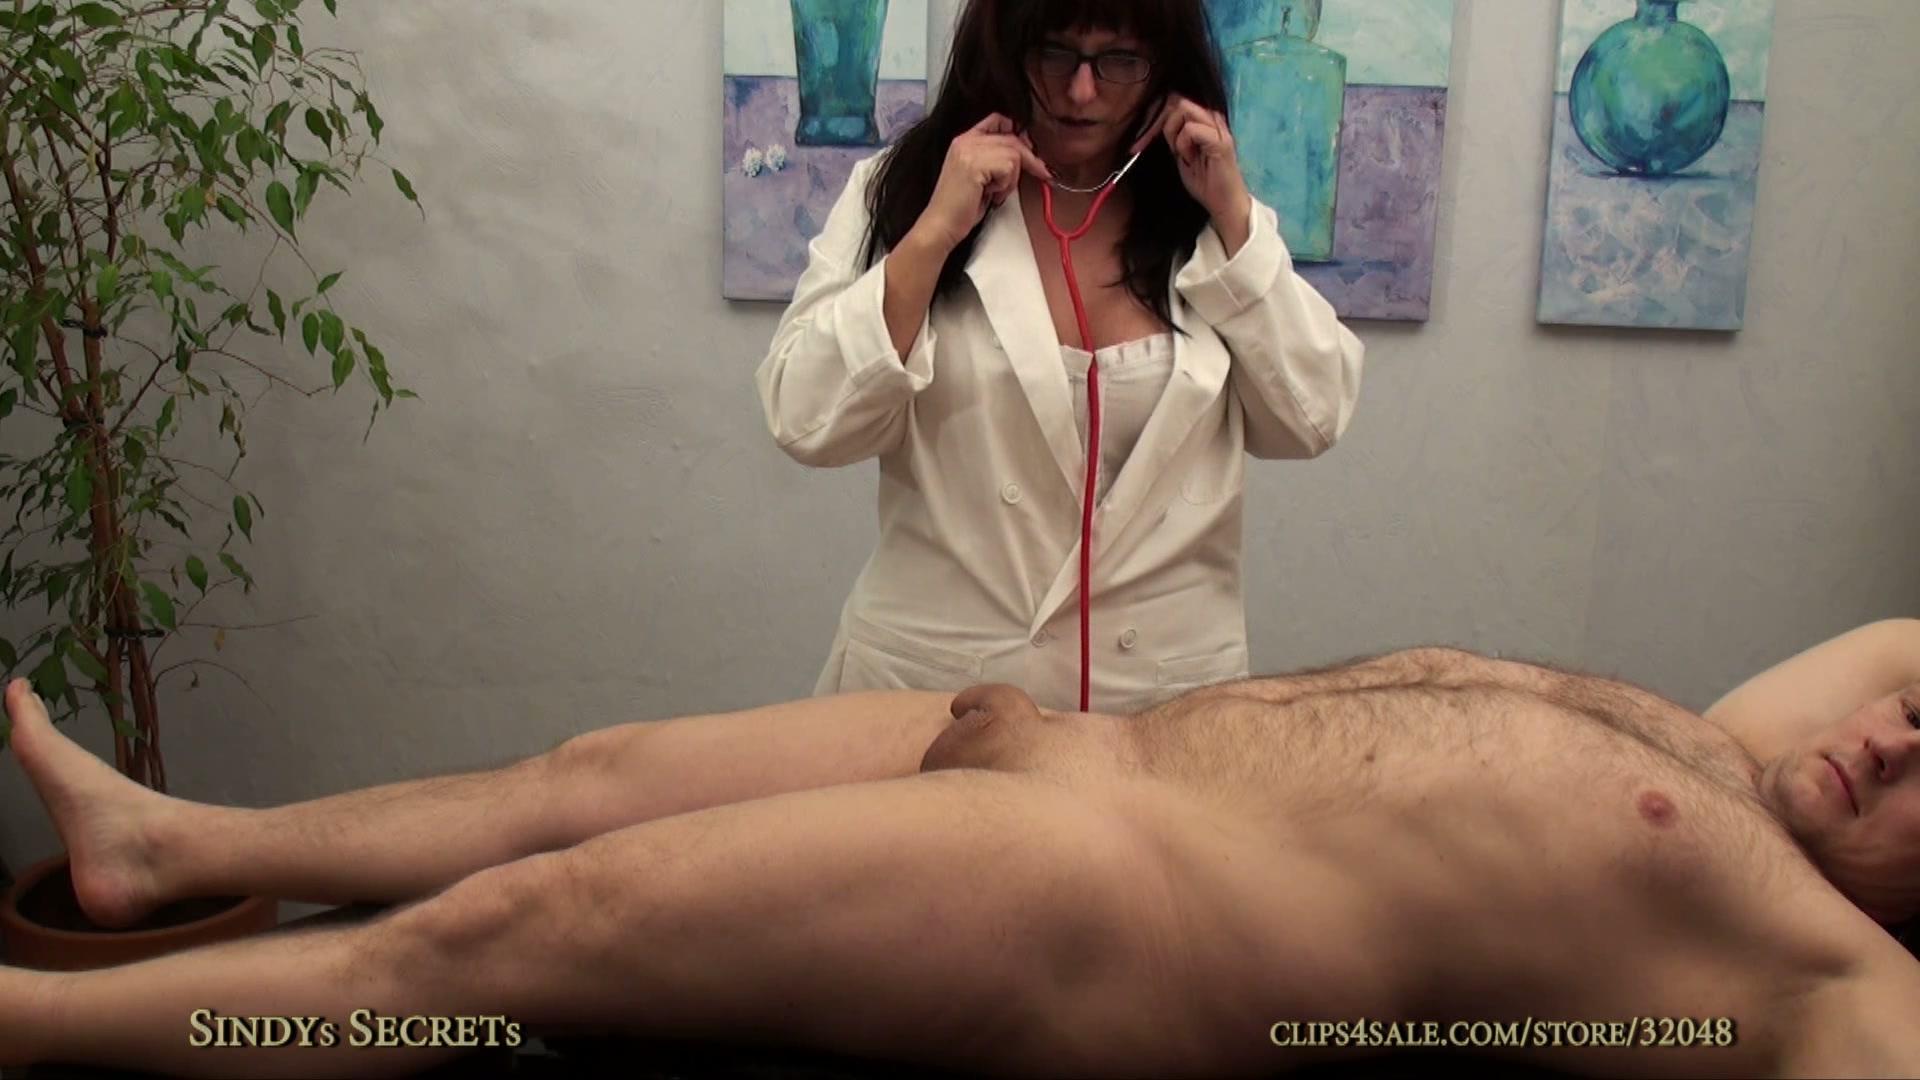 gifs camera inside vagina during sex